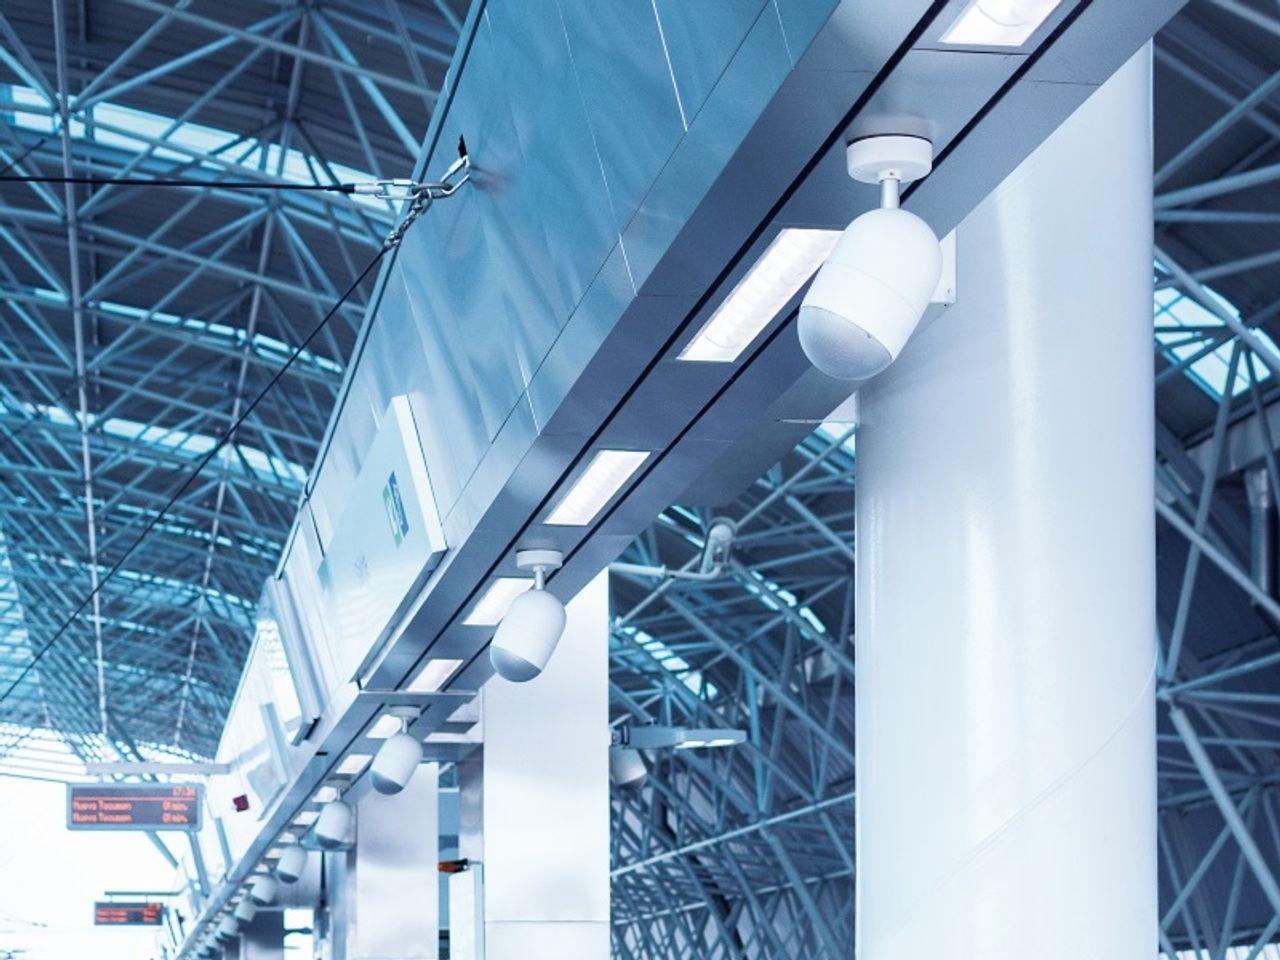 thyssenkrupp, Schulte, Referenz, Leuchten Metall Technik, Beleuchtung, Bahnsteig, Metall, Konstruktion, Lichttechnik